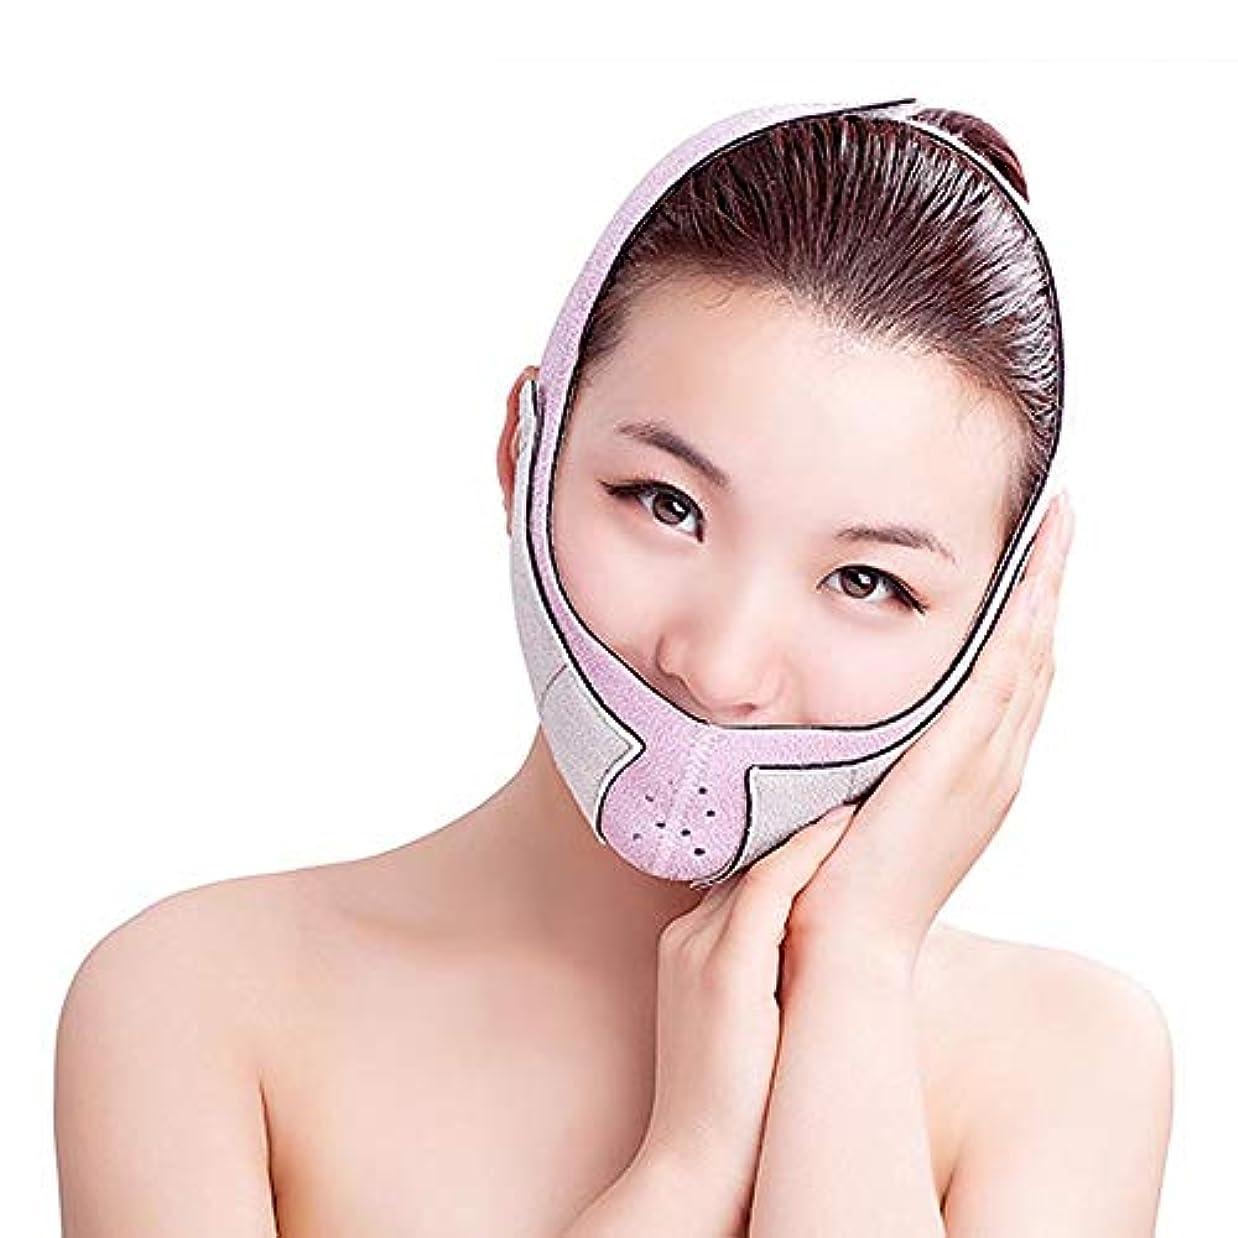 フェイスリフトベルト 薄い顔のベルト - 薄い顔のベルト通気性の補正3D薄い顔のV顔のベルトの包帯薄い顔のアーティファクト (色 : B)